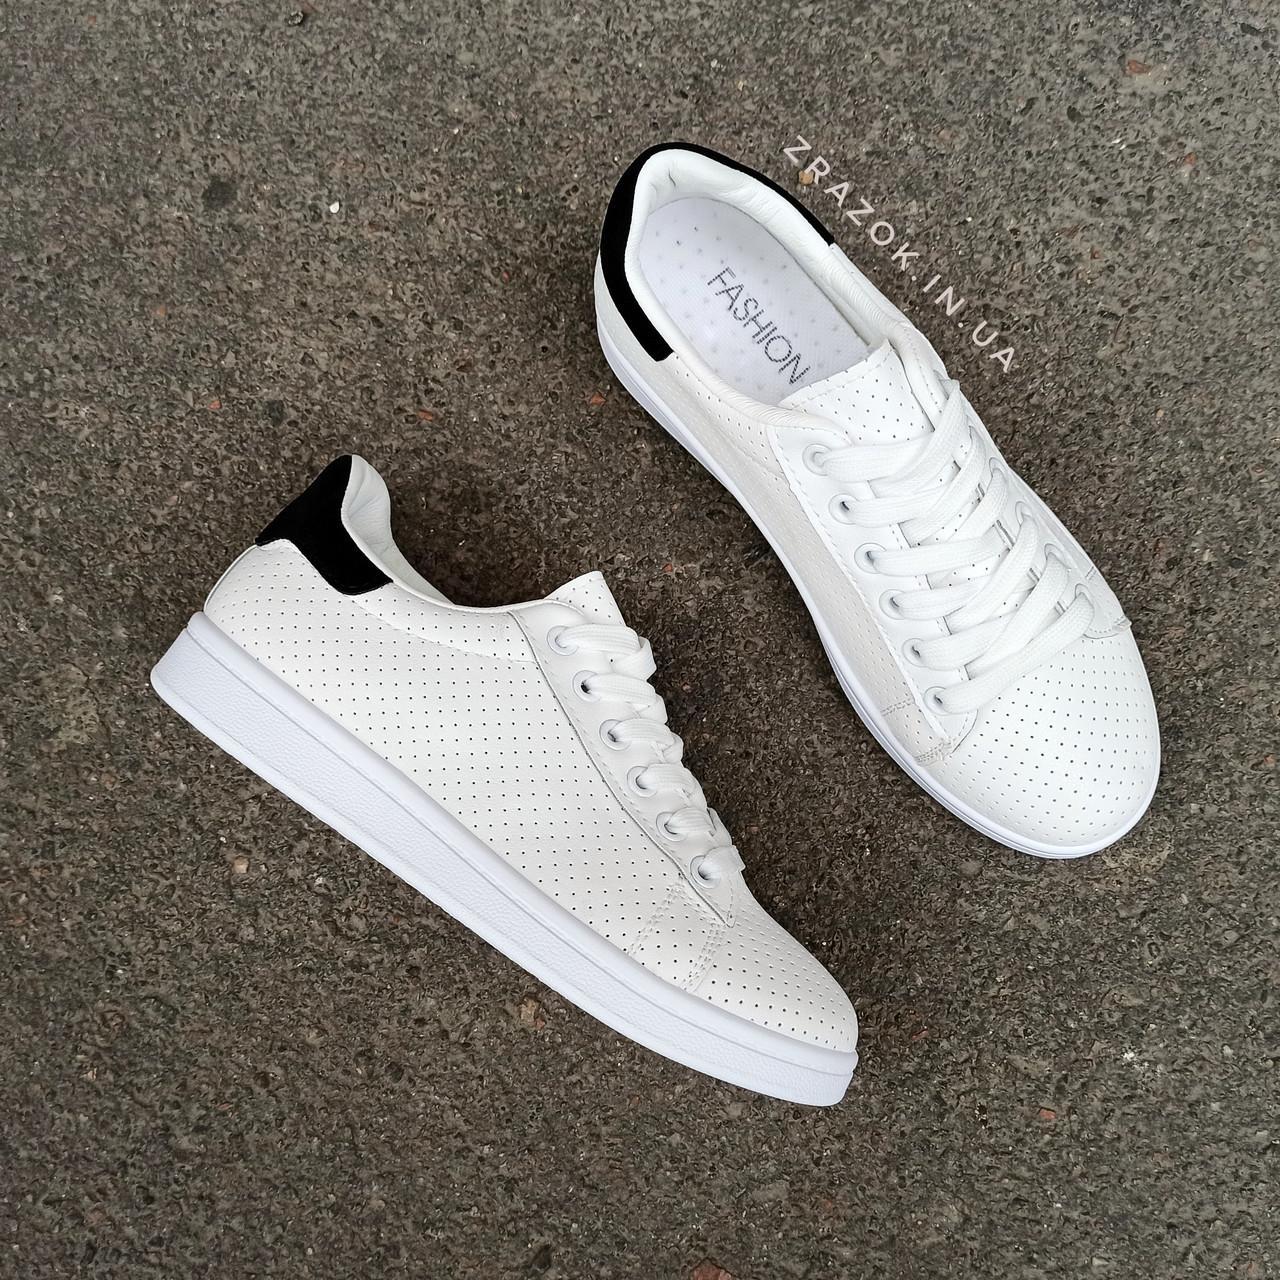 Кросівки в стилі Adidas stan smith еко шкіряні перфорація літні superstar з чорним задником